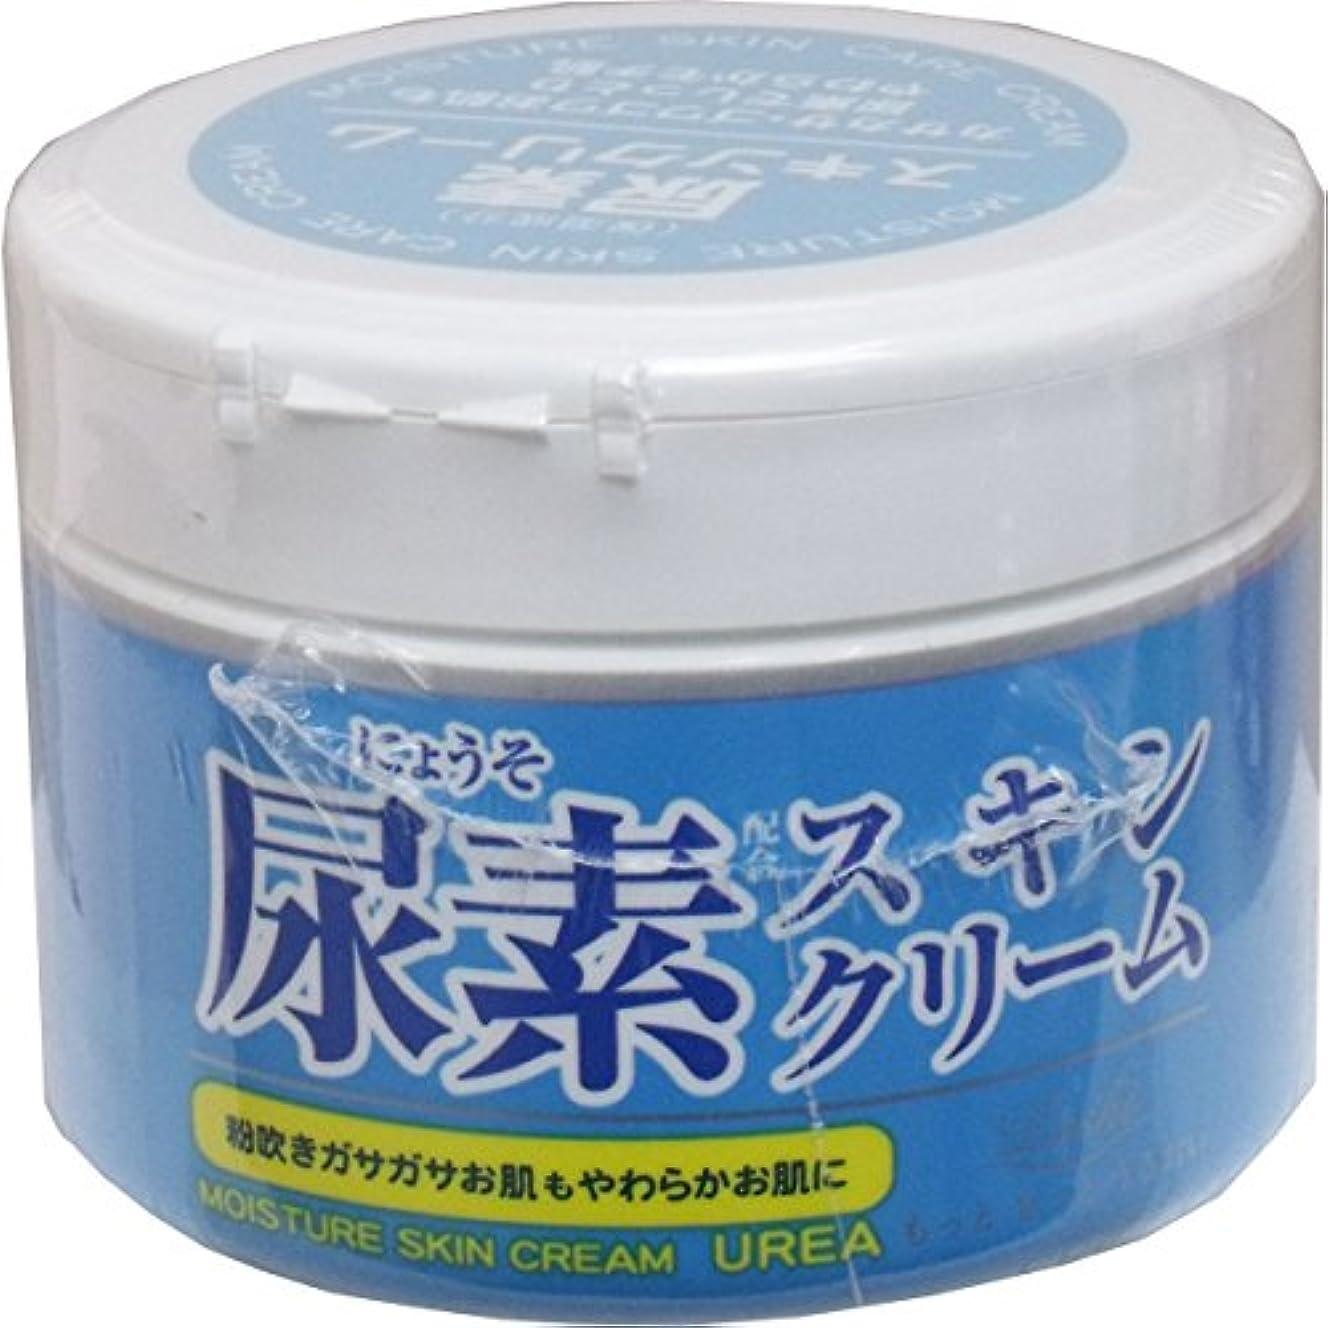 おとこ平均区別ロッシモイストエイド 尿素スキンクリーム 220g